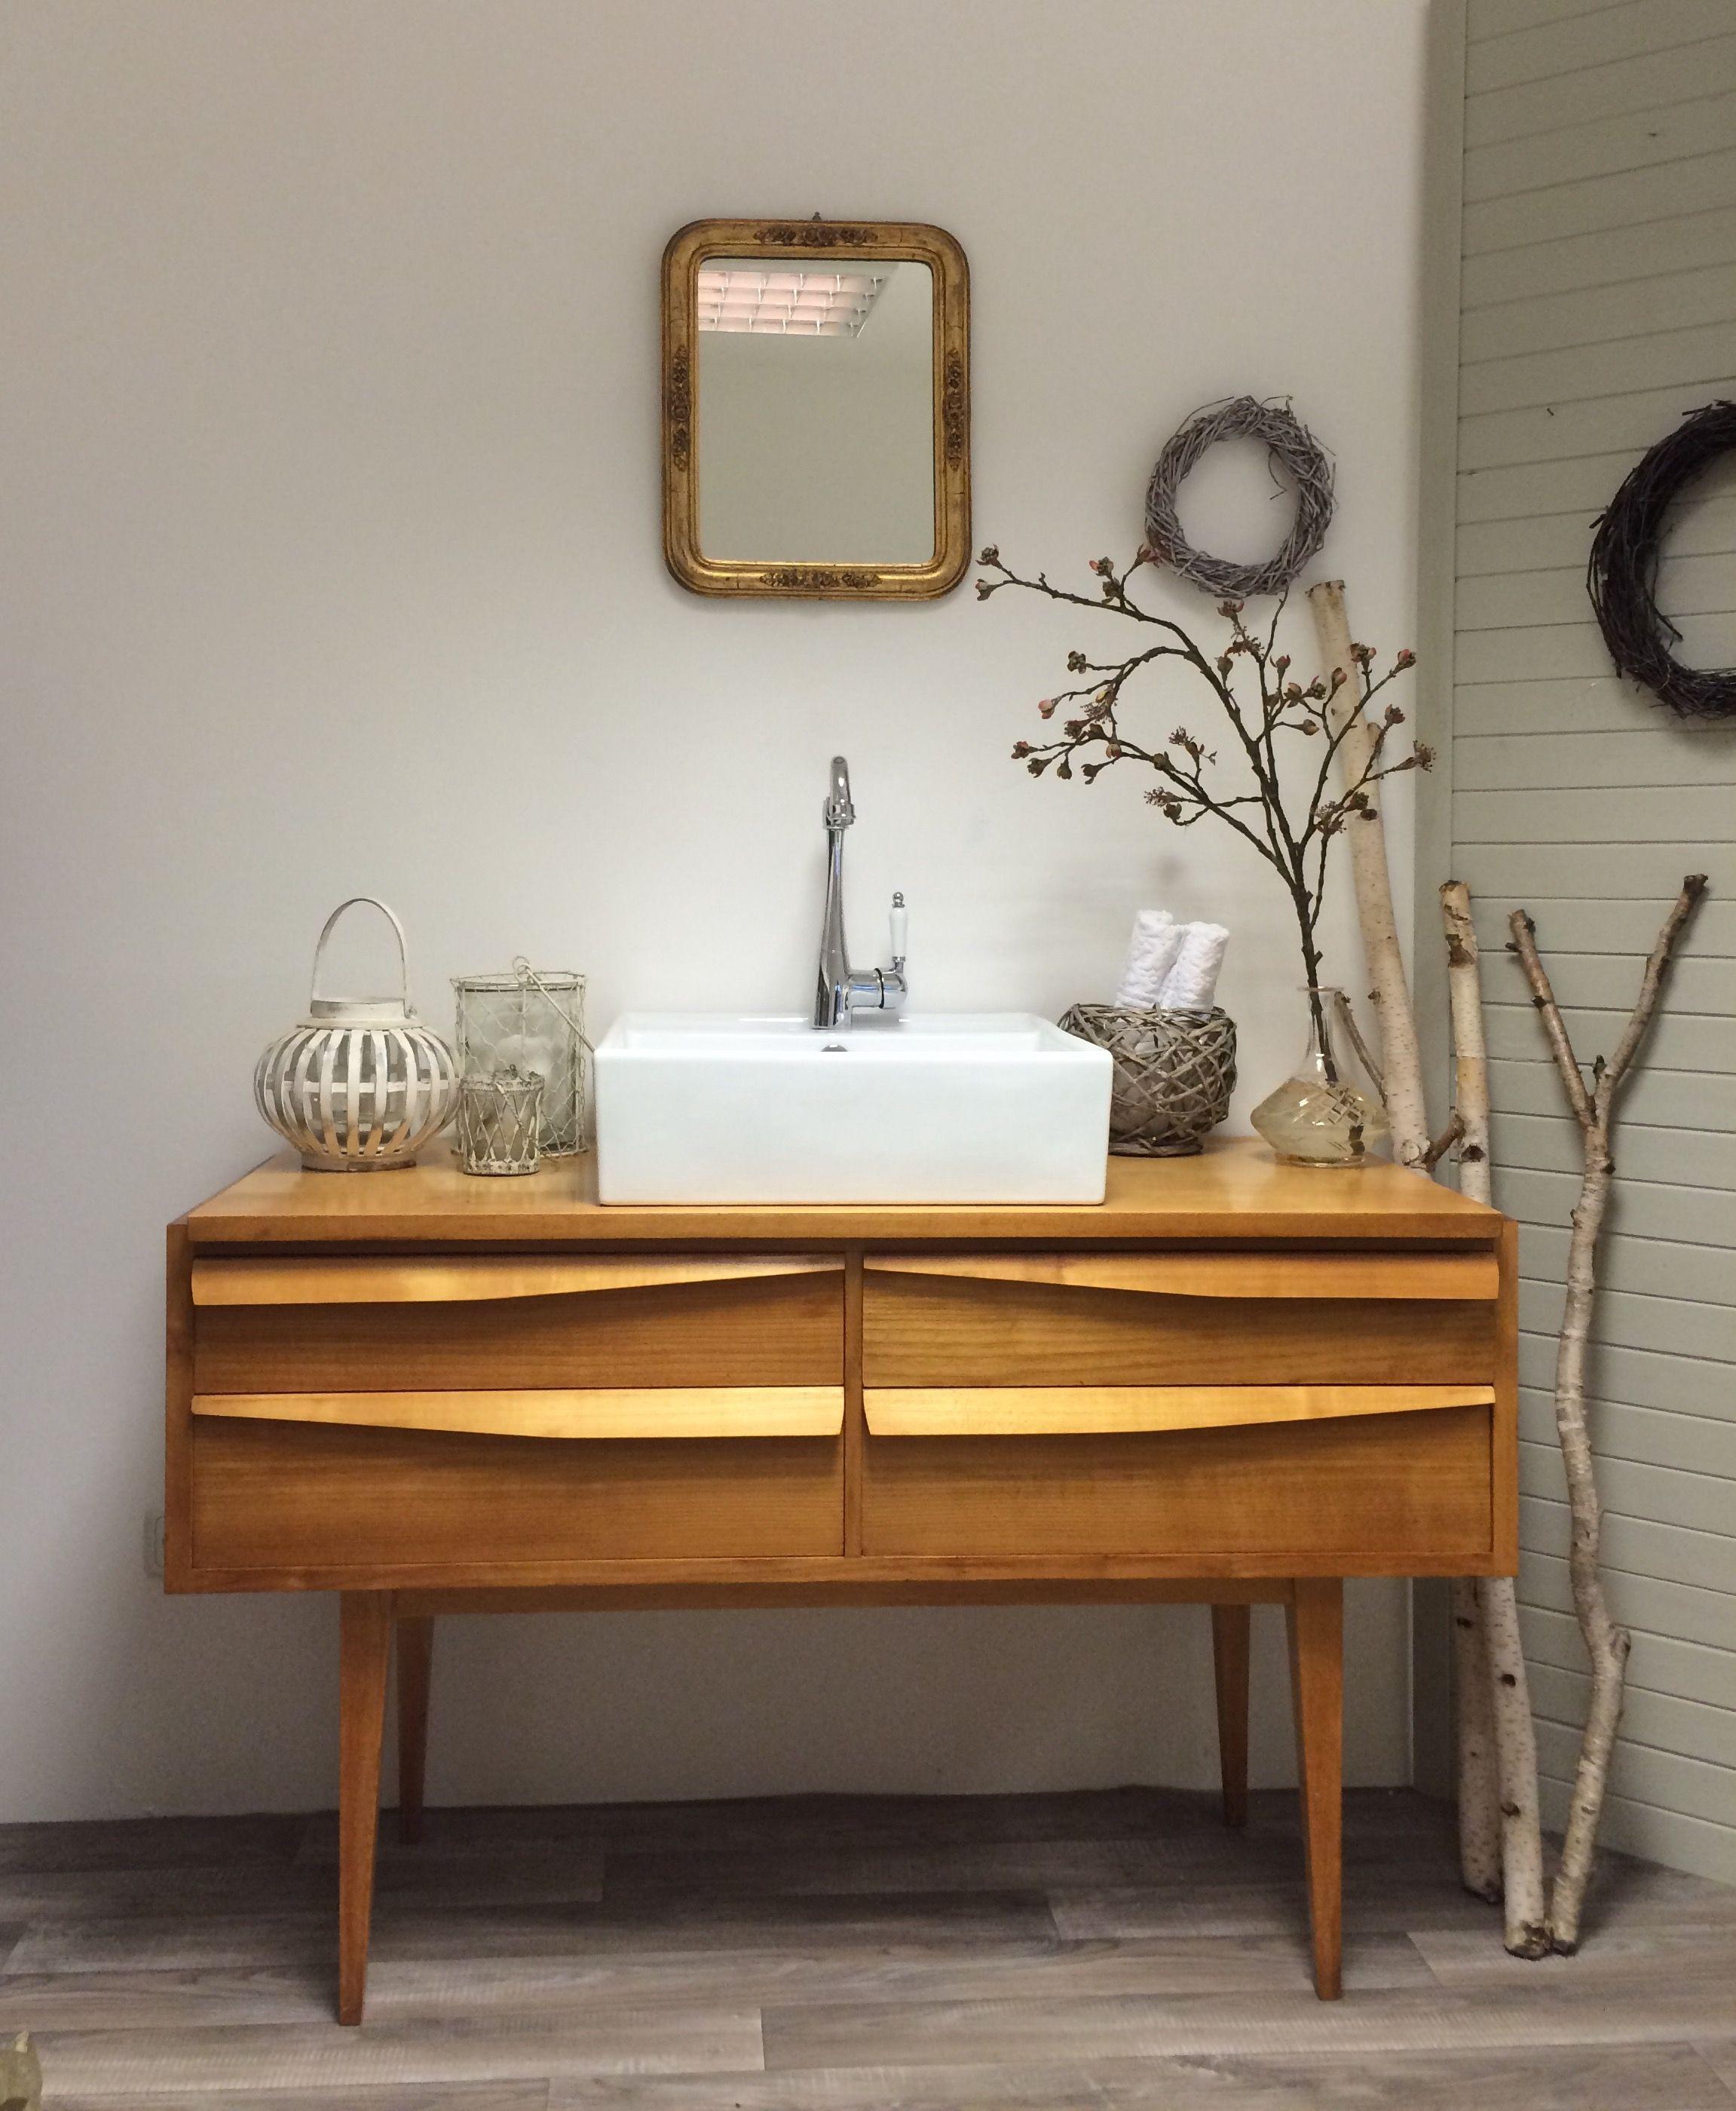 Badmöbel Hamburg 50er 60er midcentury badmöbel ein badezimmer das im trend liegt